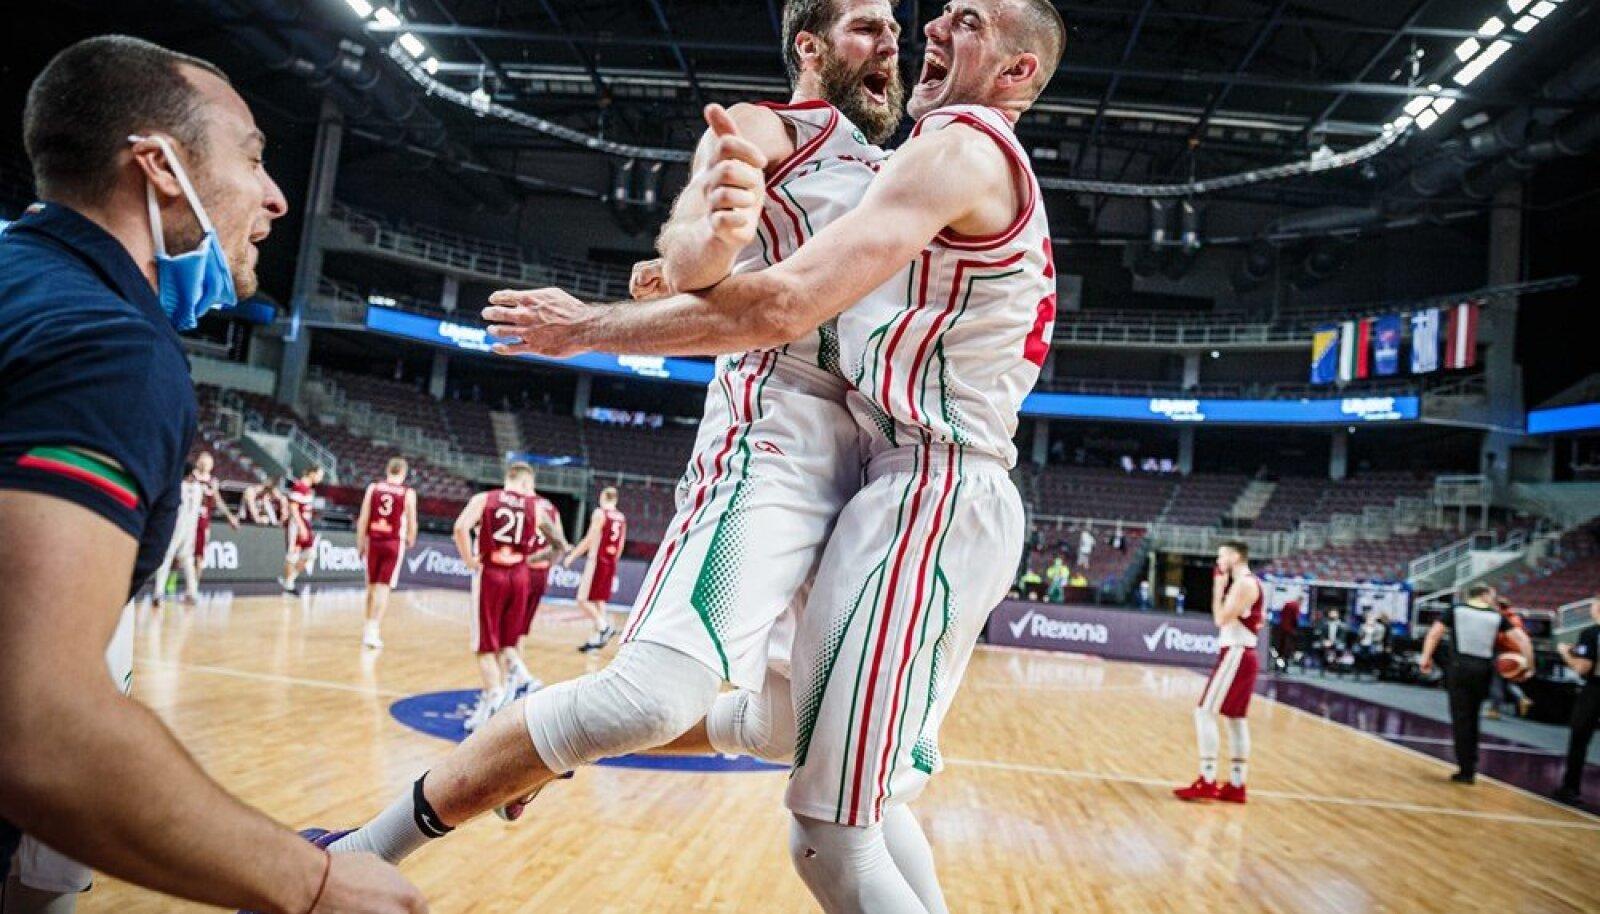 Bulgaaria mängijate Chavdar Kostovi ja Pavlin Ivanovi rõõmutants.